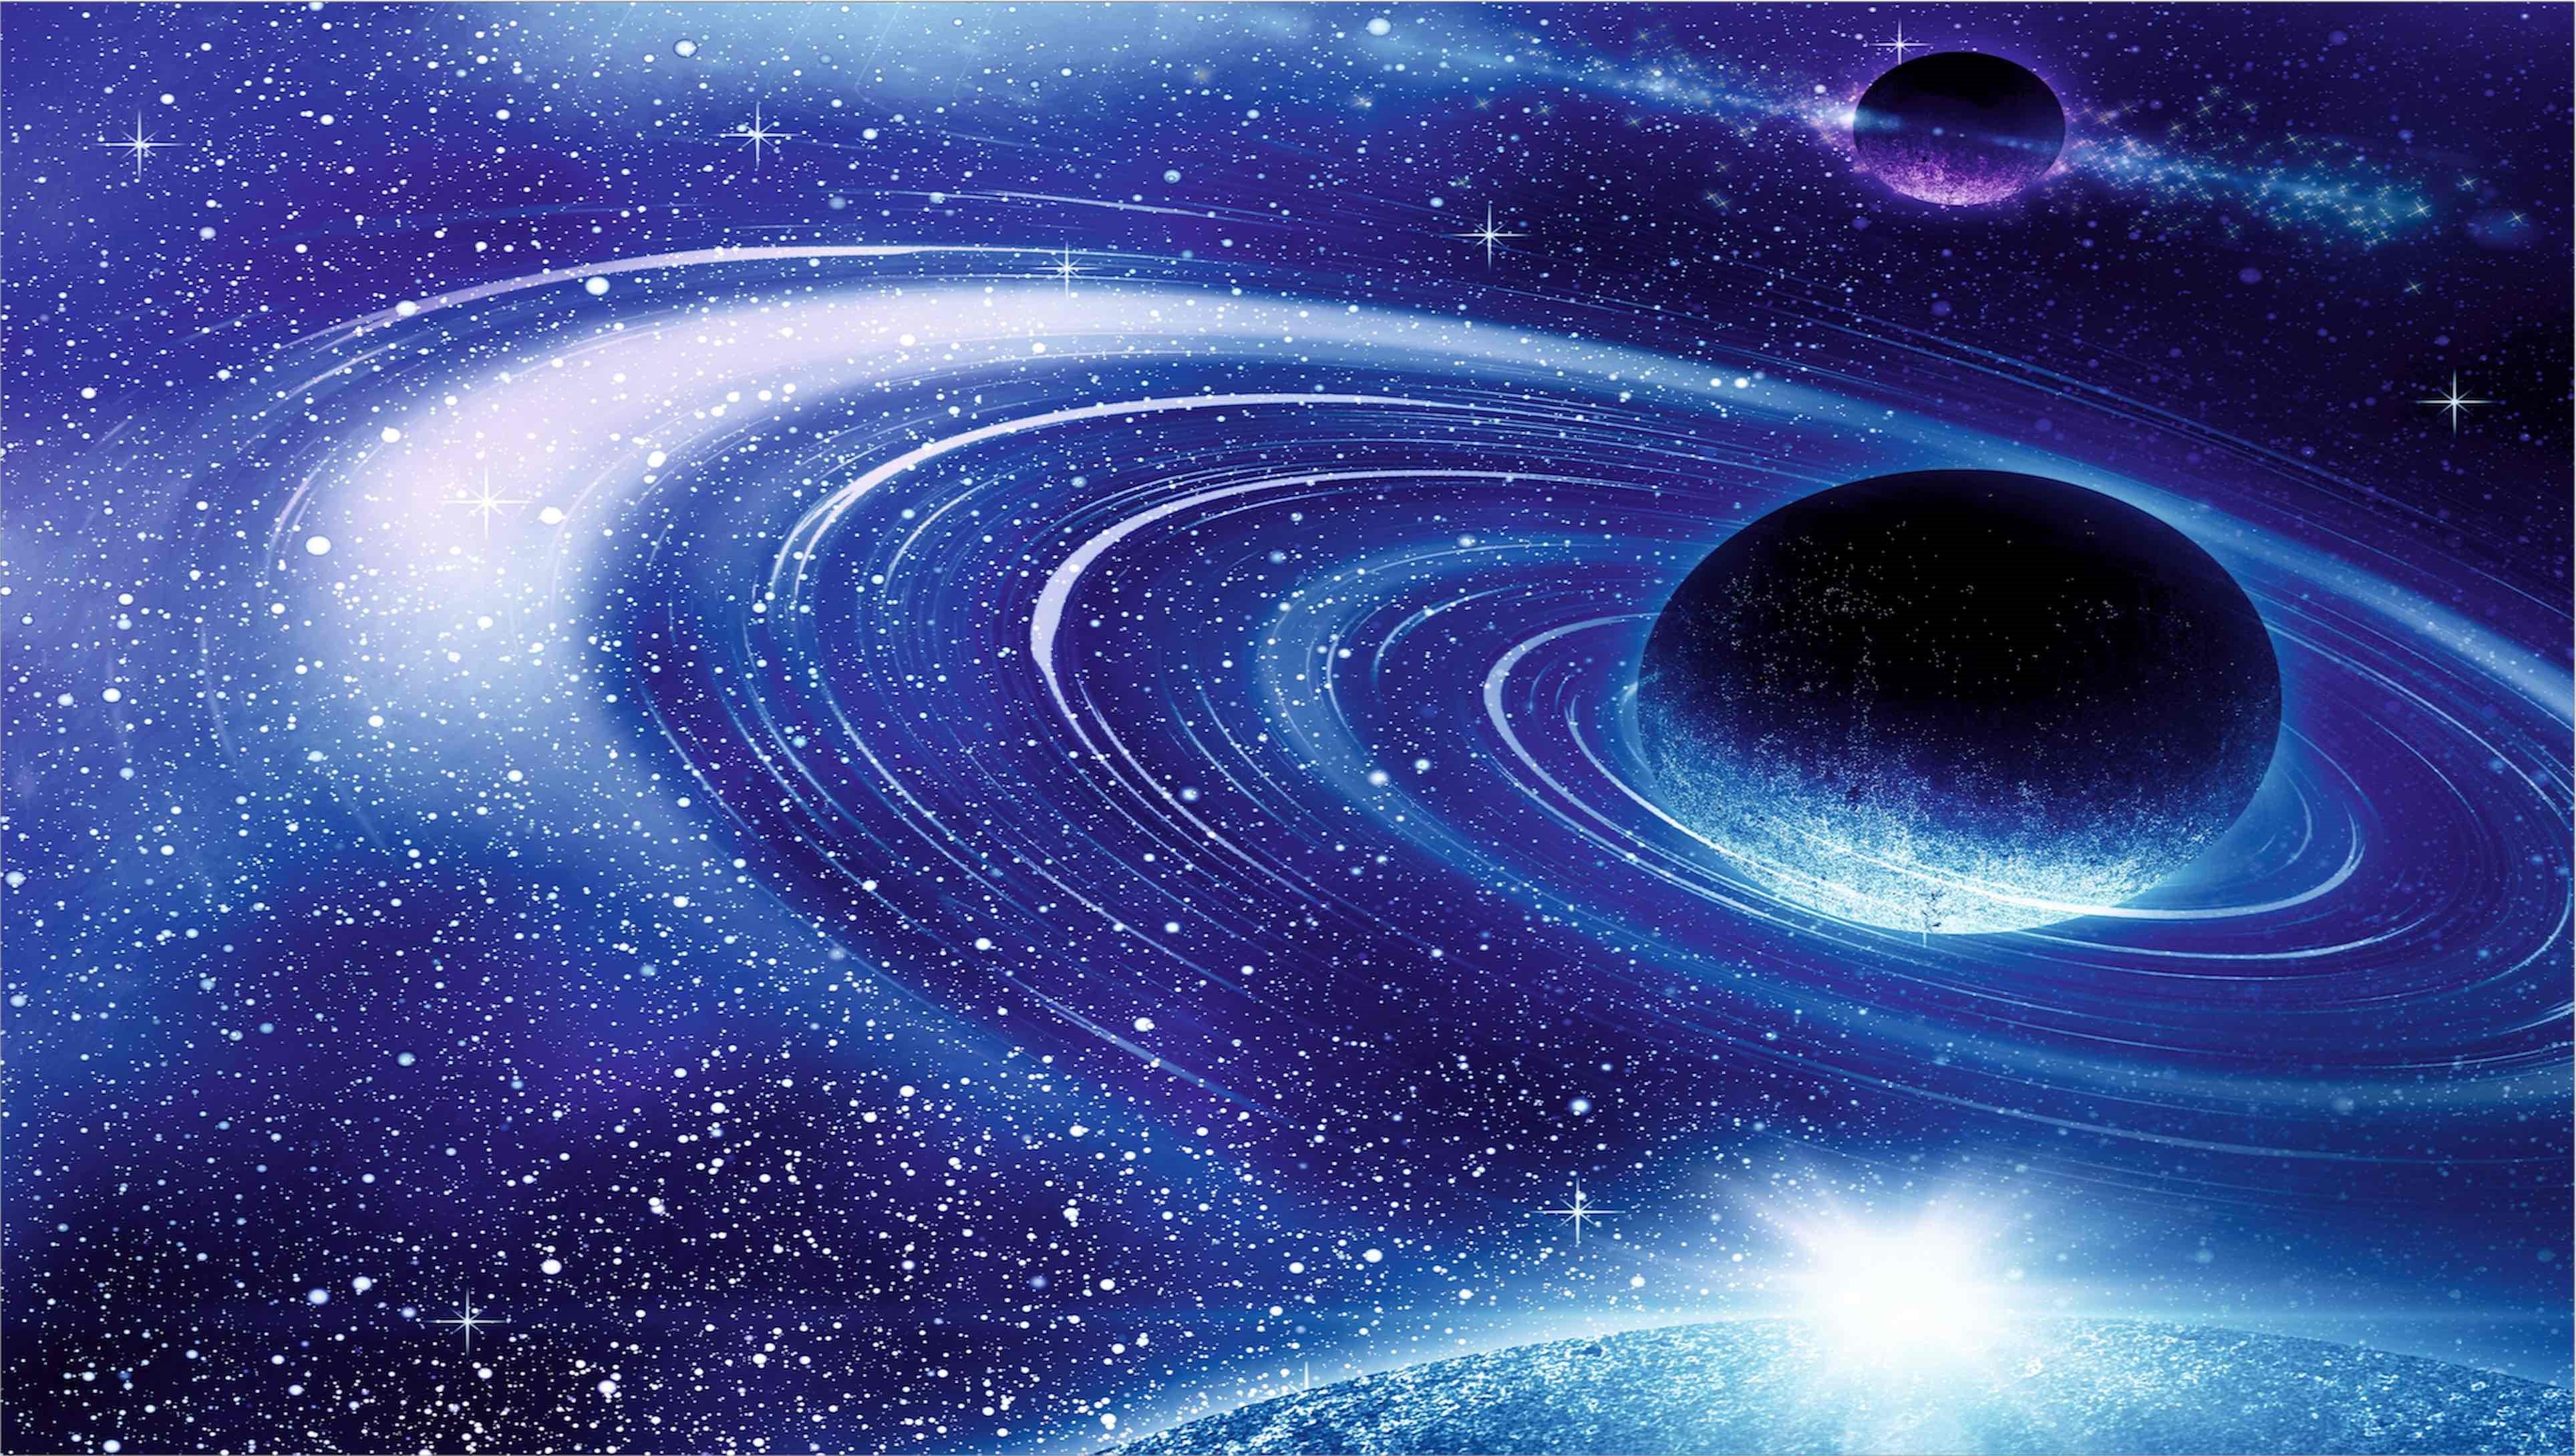 gezegen hd fotoğrafları